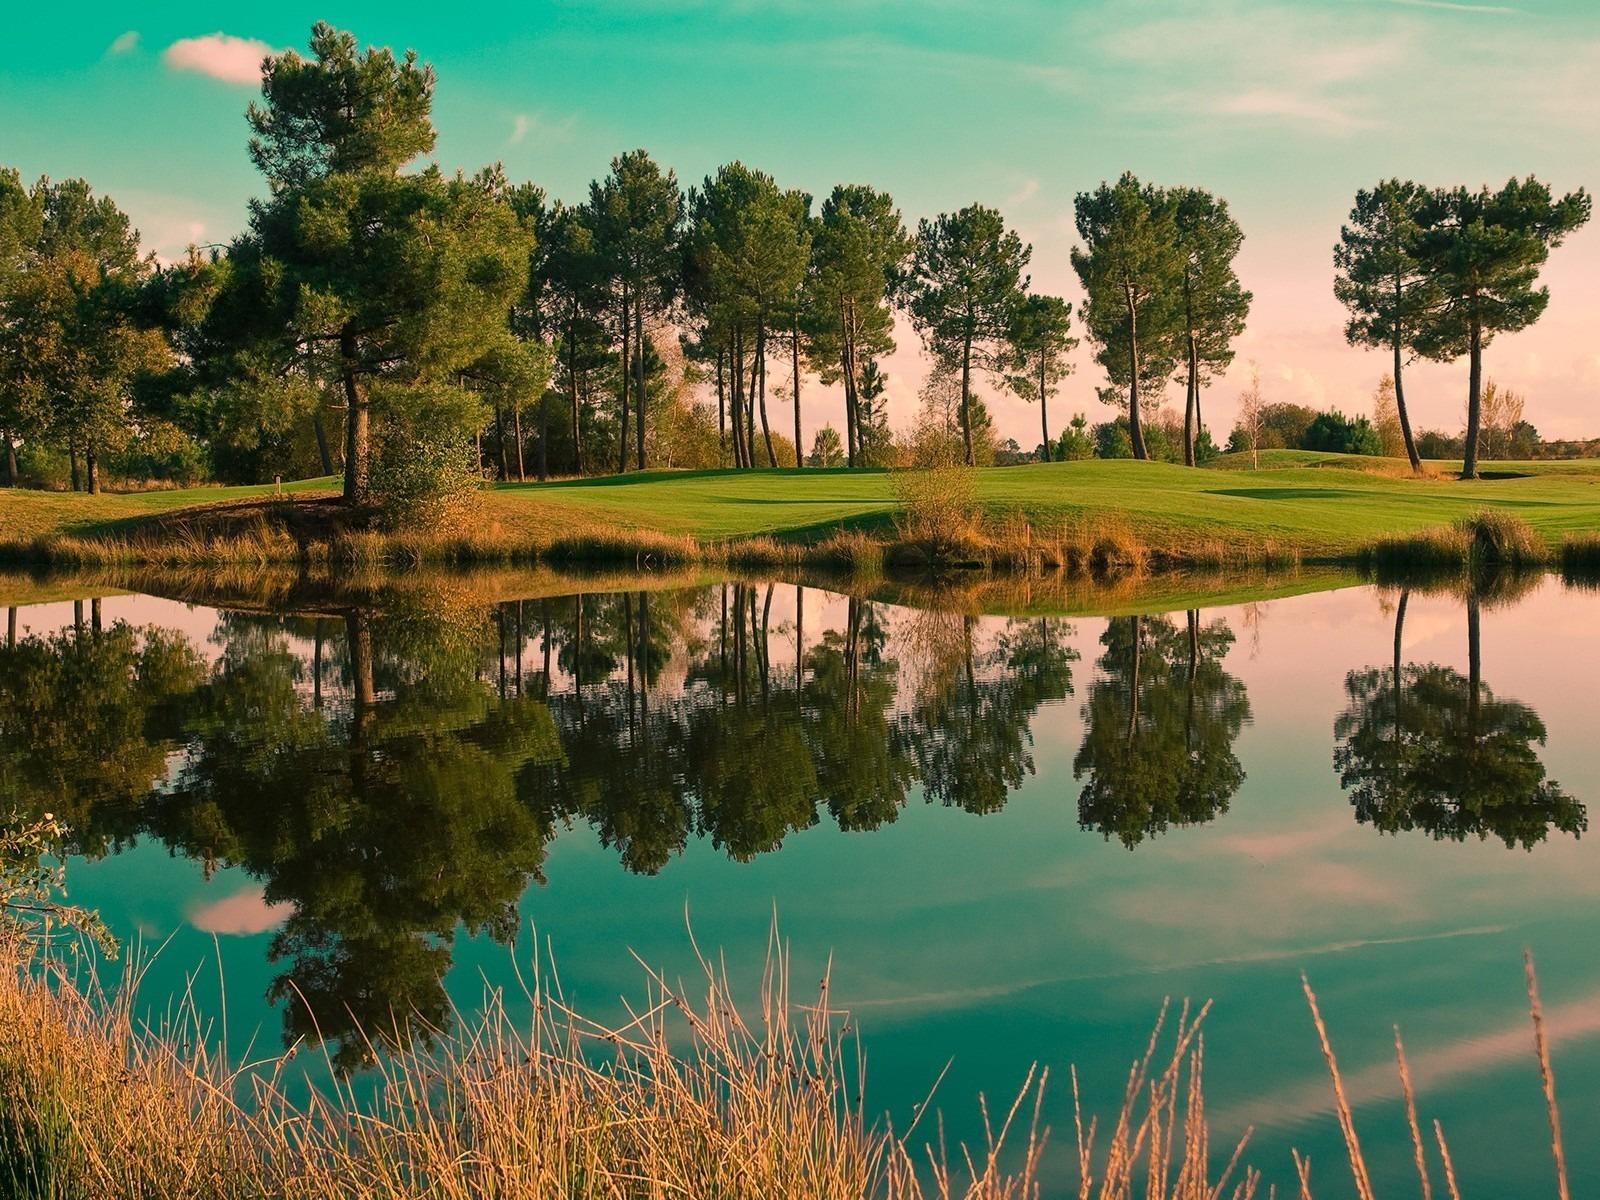 23167 Заставки и Обои Озера на телефон. Скачать Озера, Пейзаж, Деревья картинки бесплатно